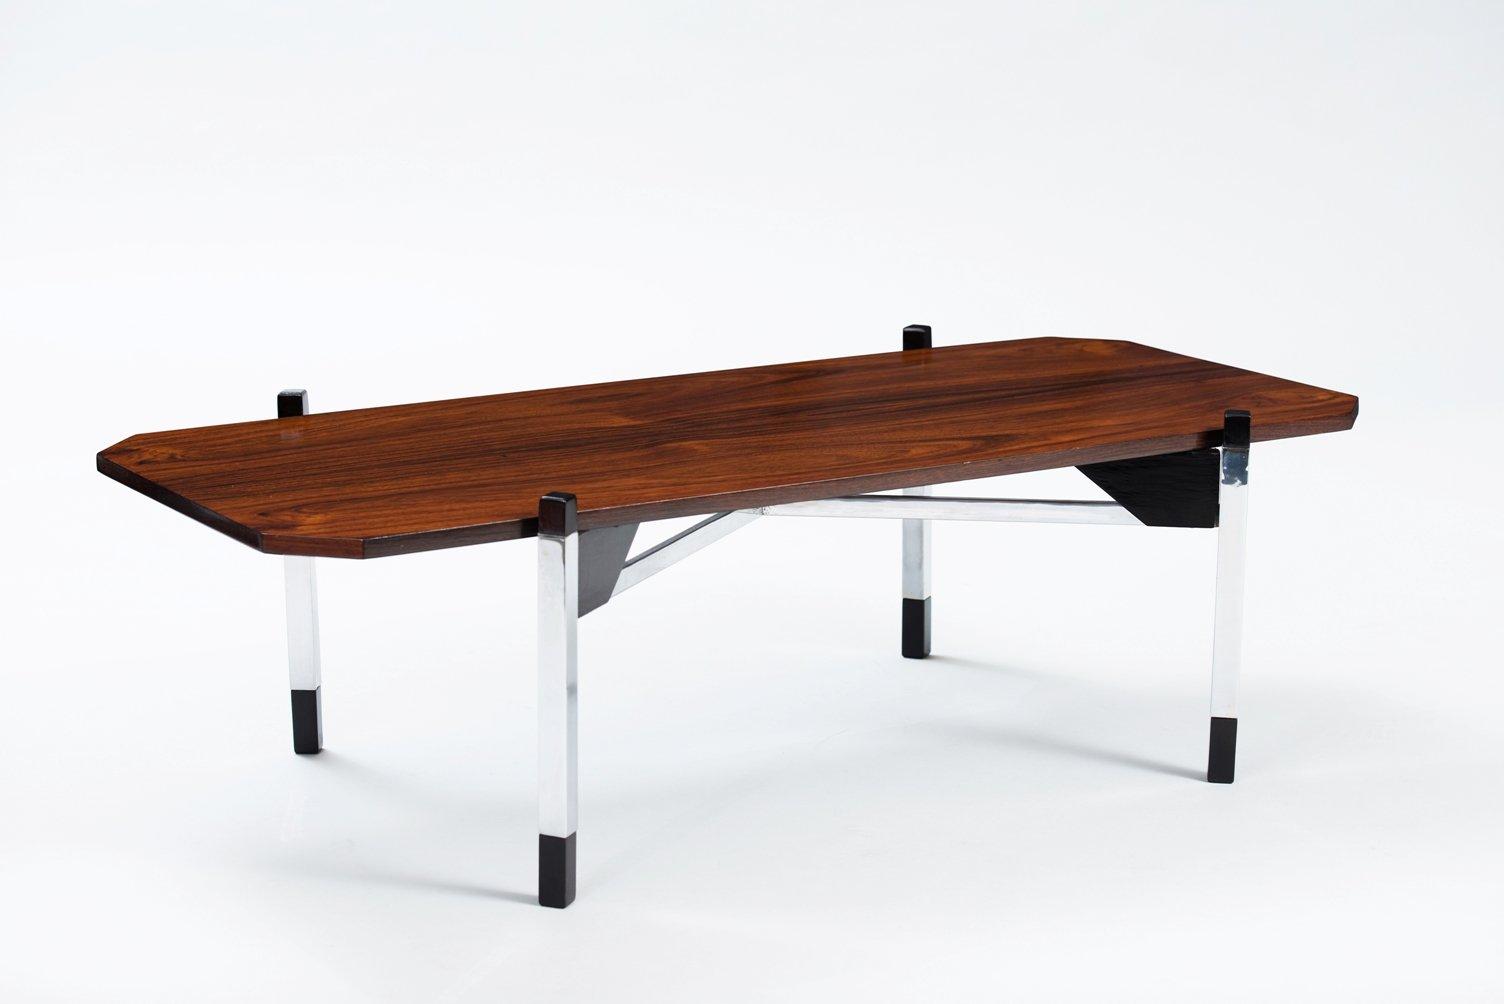 table basse en chrome et palissandre italie en vente sur pamono. Black Bedroom Furniture Sets. Home Design Ideas